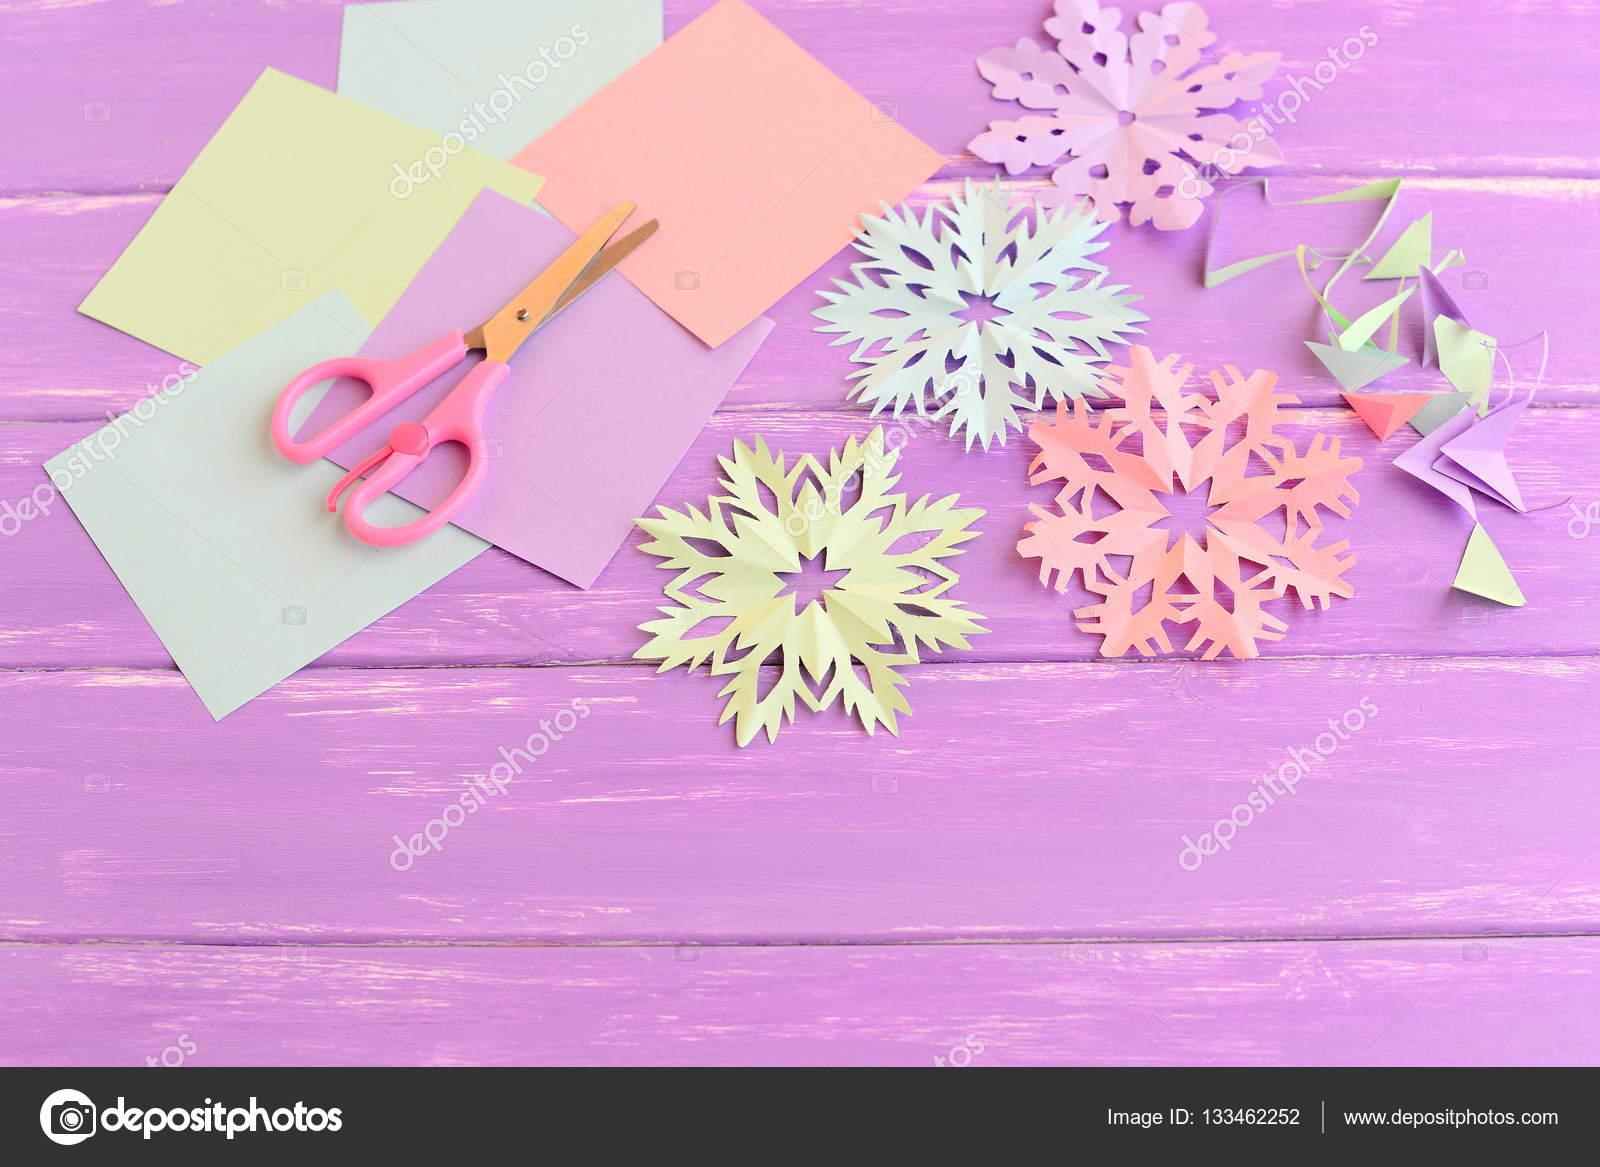 Fiocchi Di Neve Di Carta Tutorial : Fiocchi di neve di carta rosa verde blu e viola. insieme del